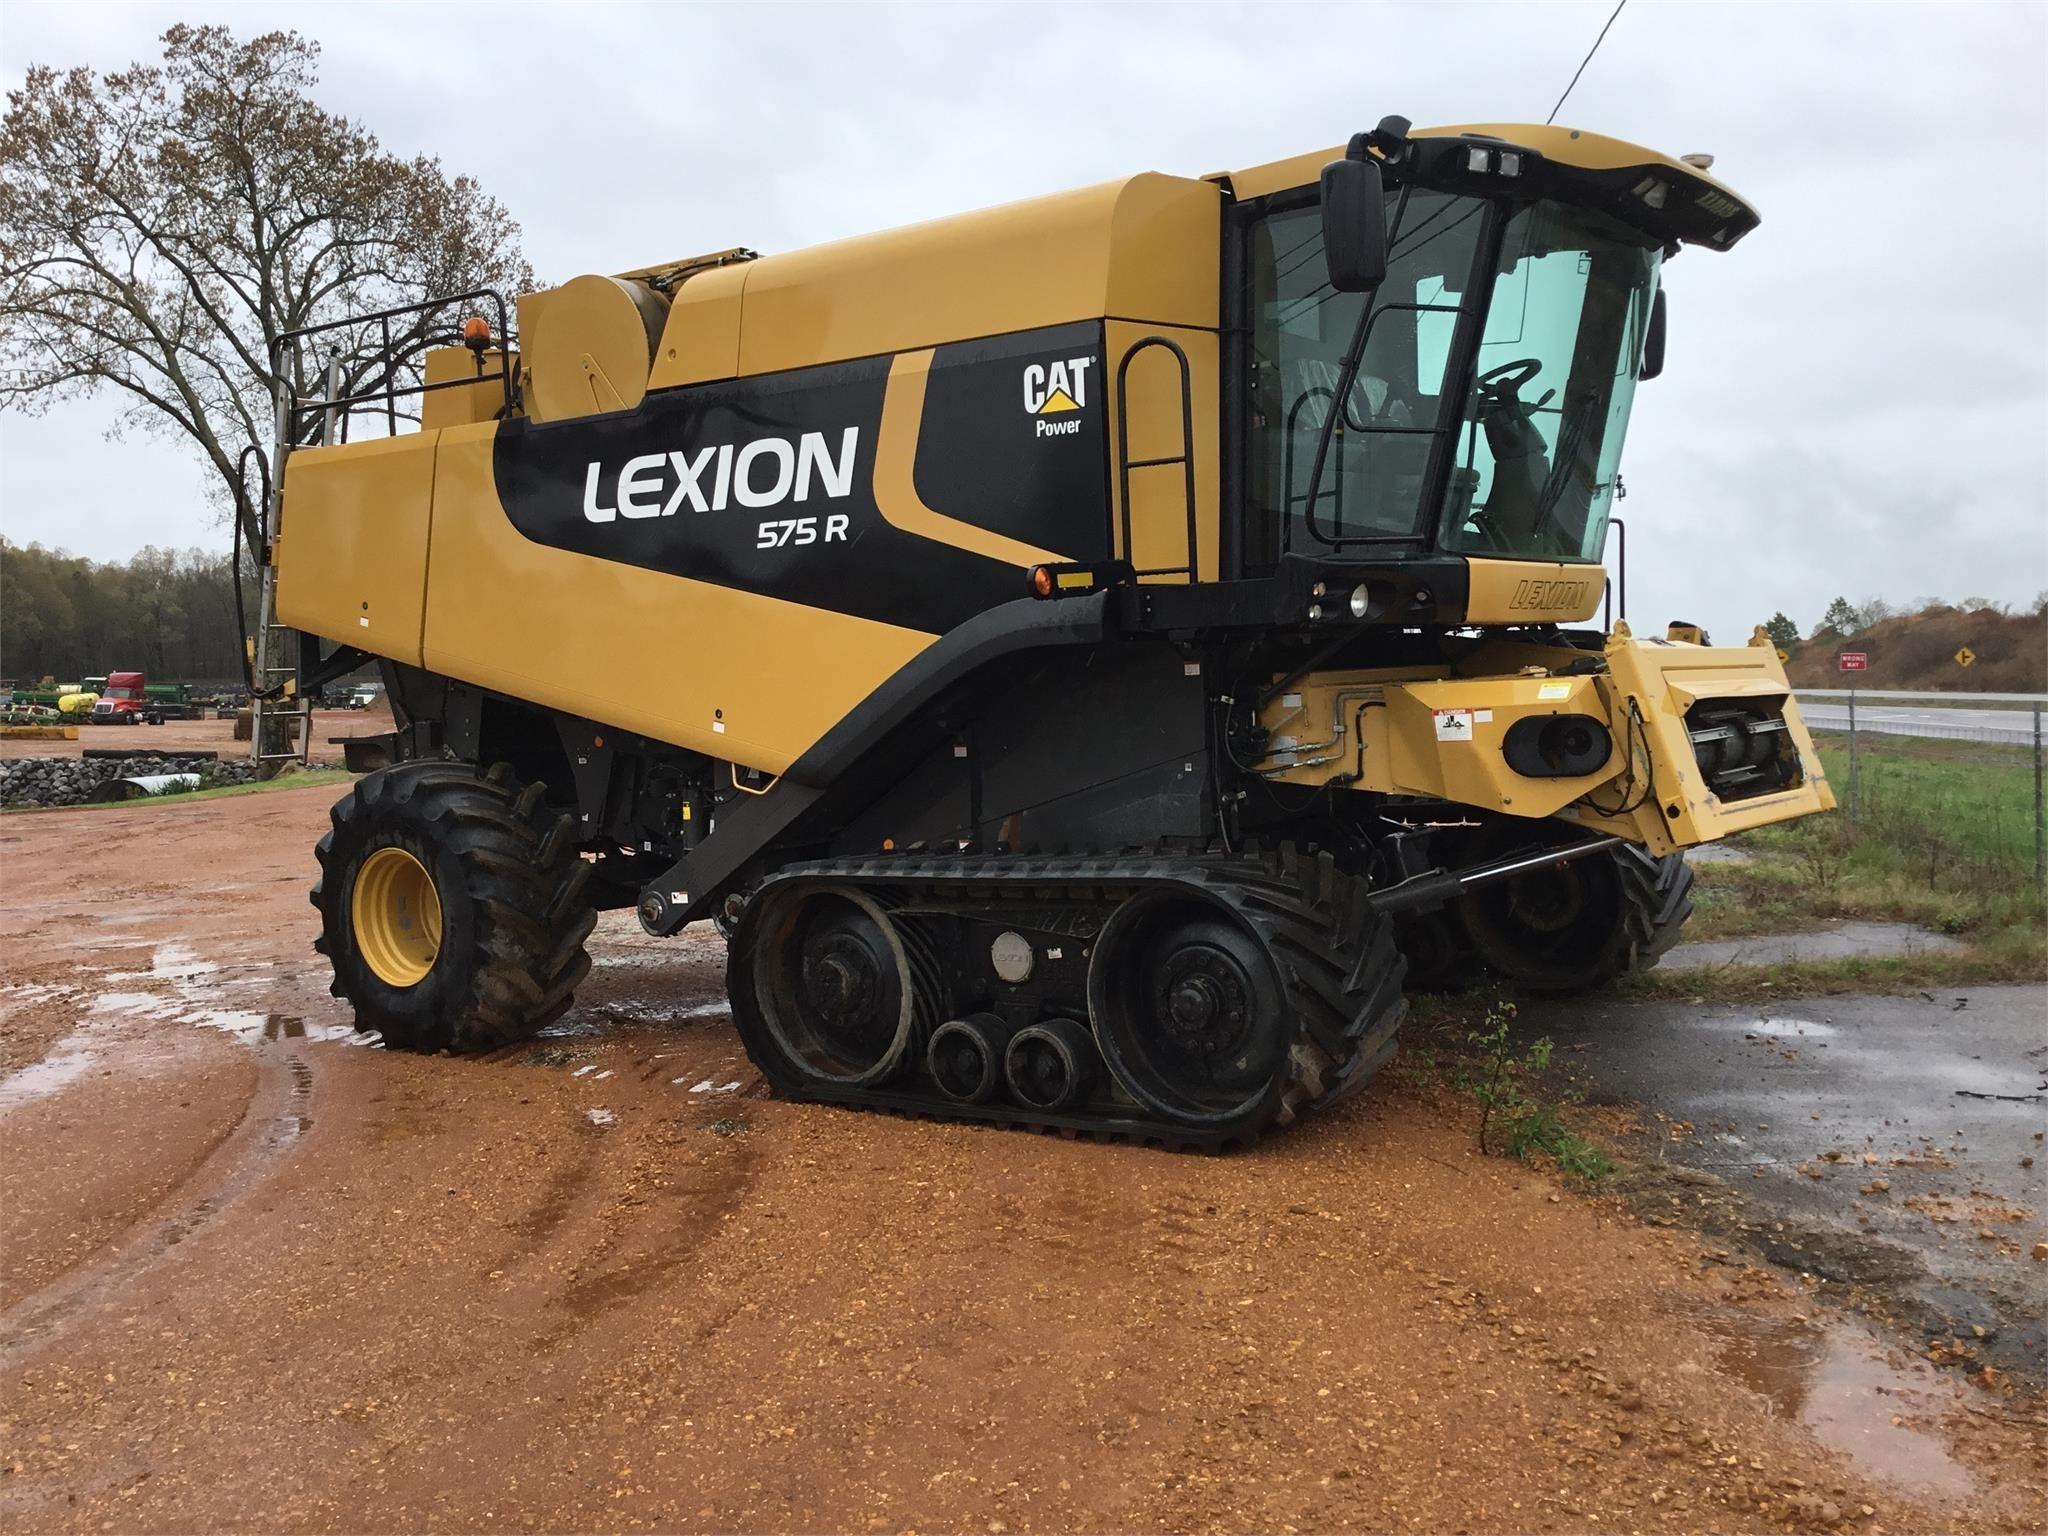 2011 Lexion 575R Combine